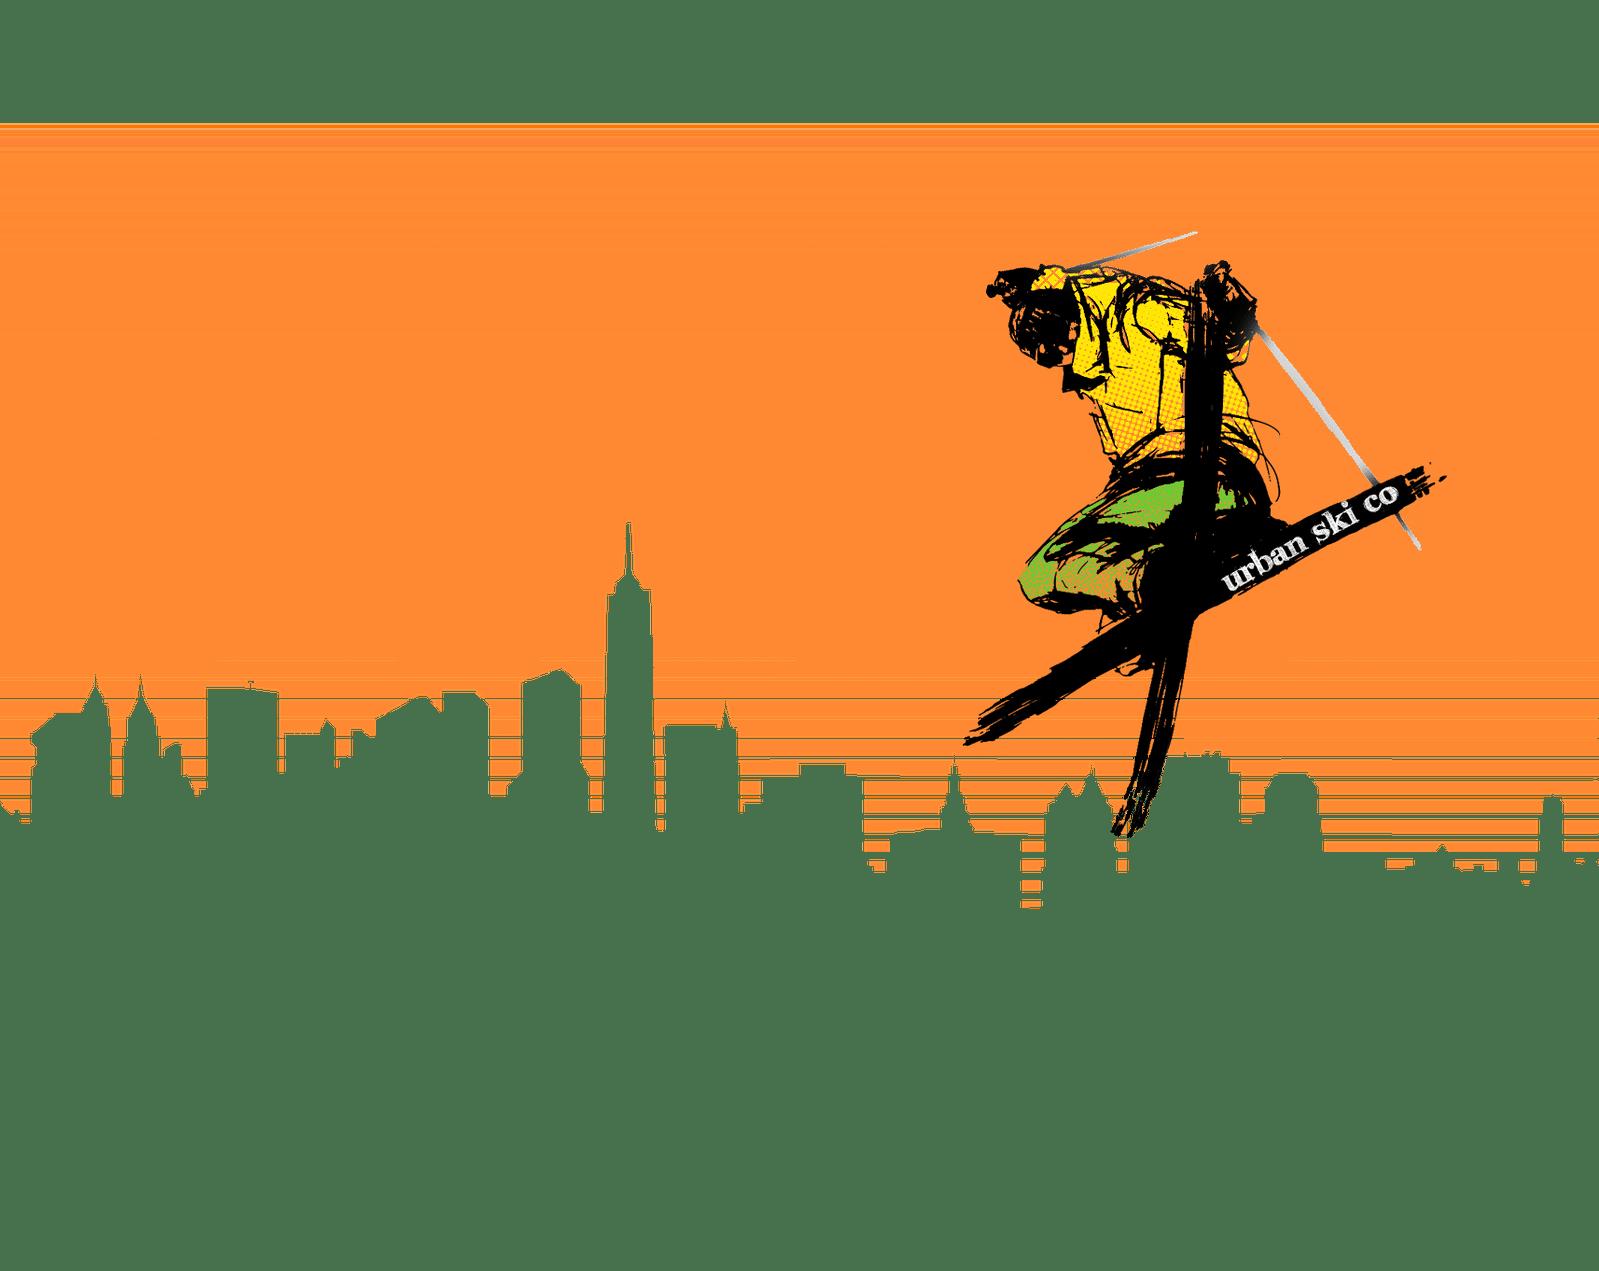 Urban Ski Co - Cityscape Negative